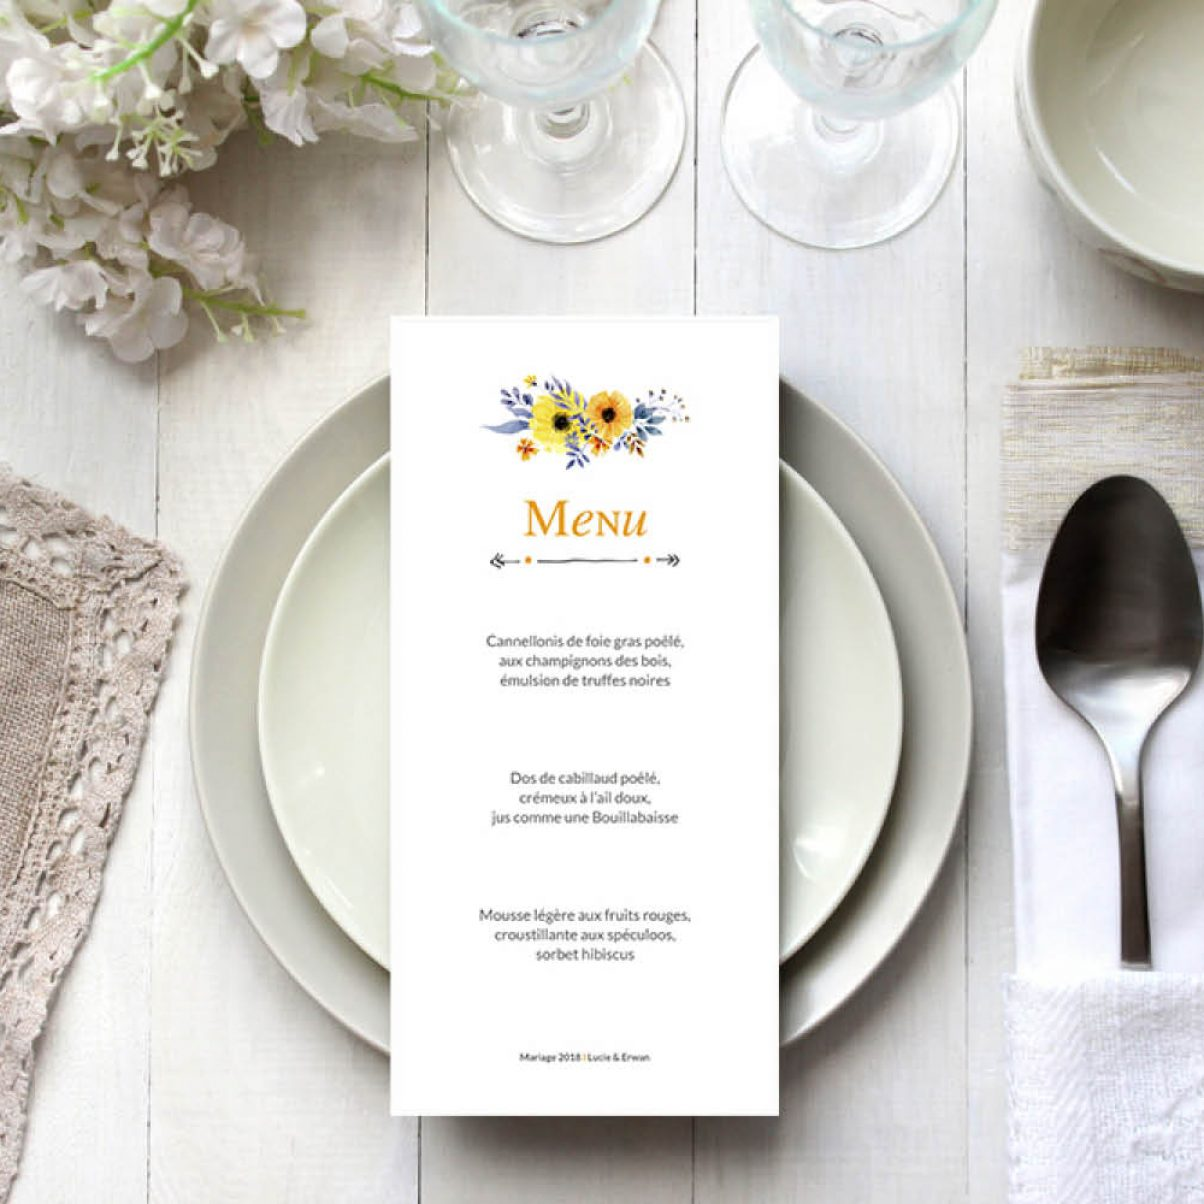 Le menu de mariage de Lucie & Erwan